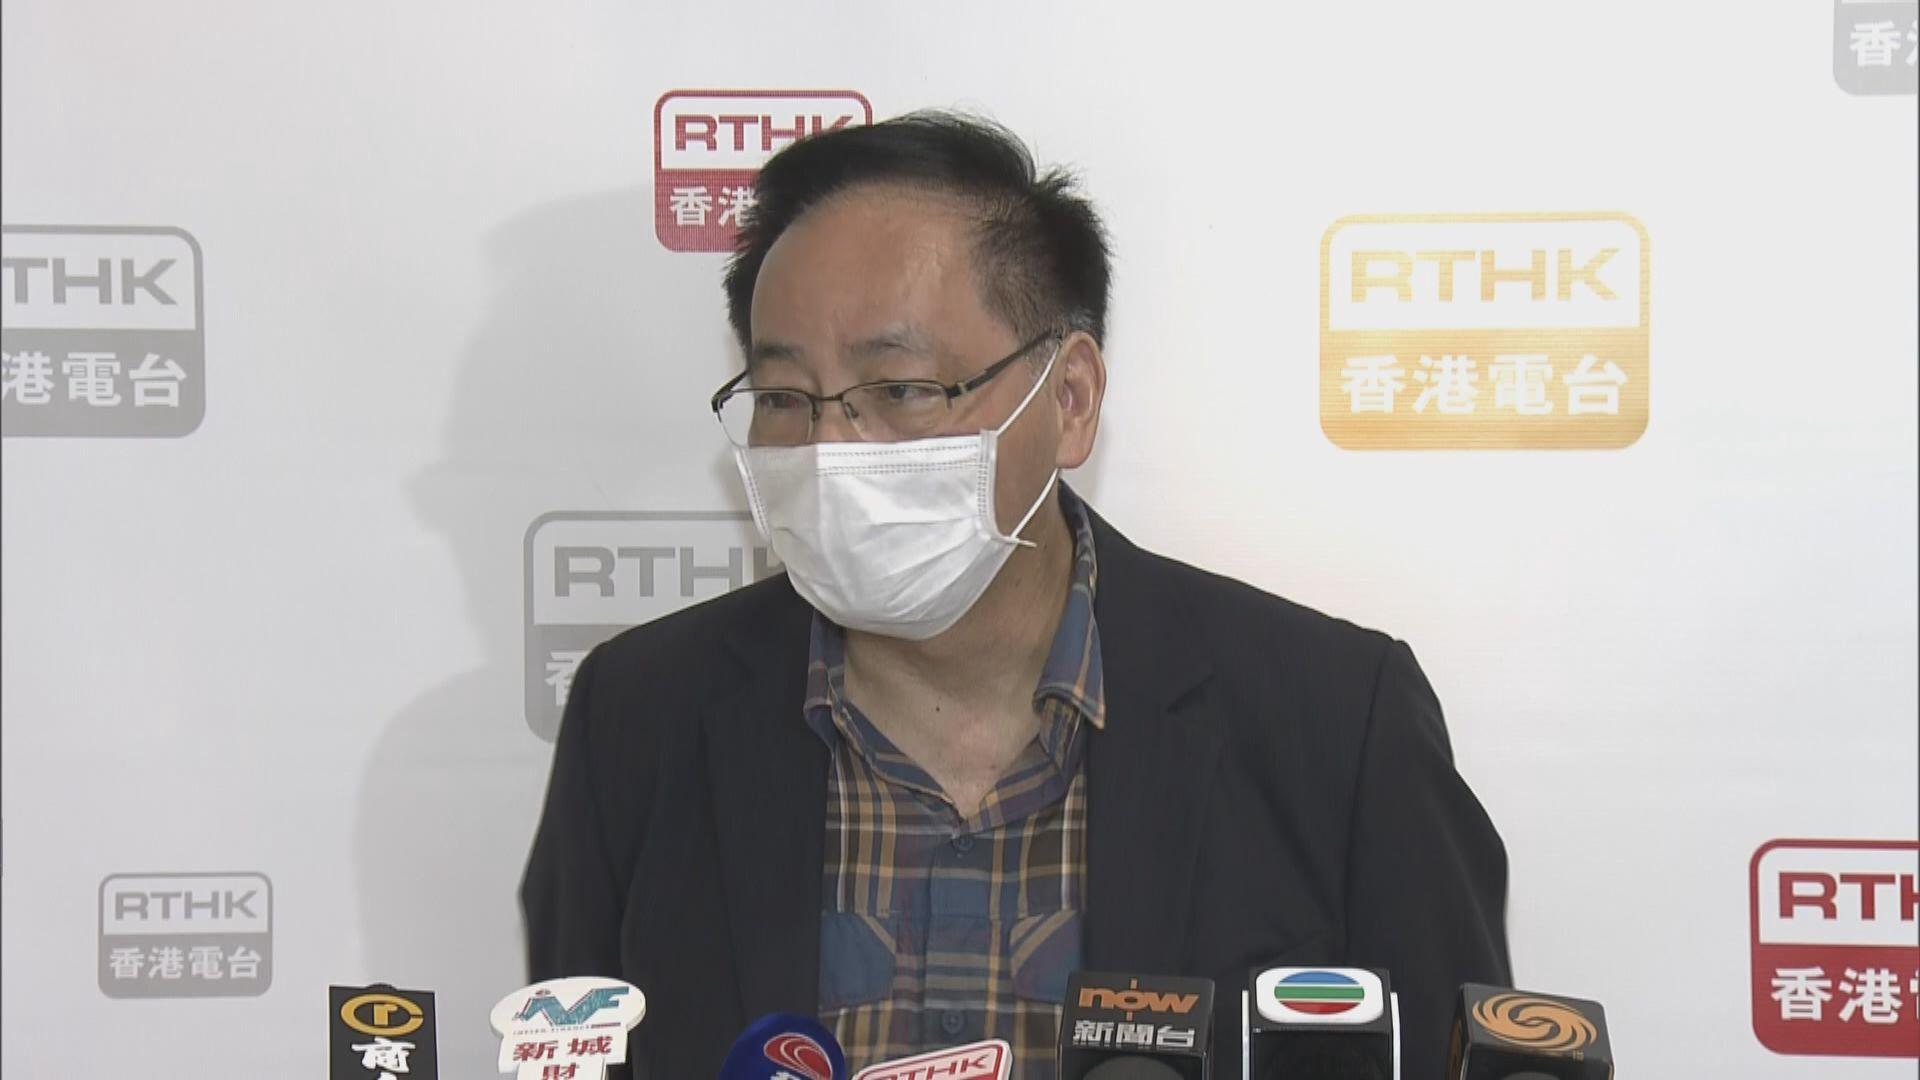 葉國謙:店主有責任確保連儂牆內容合法